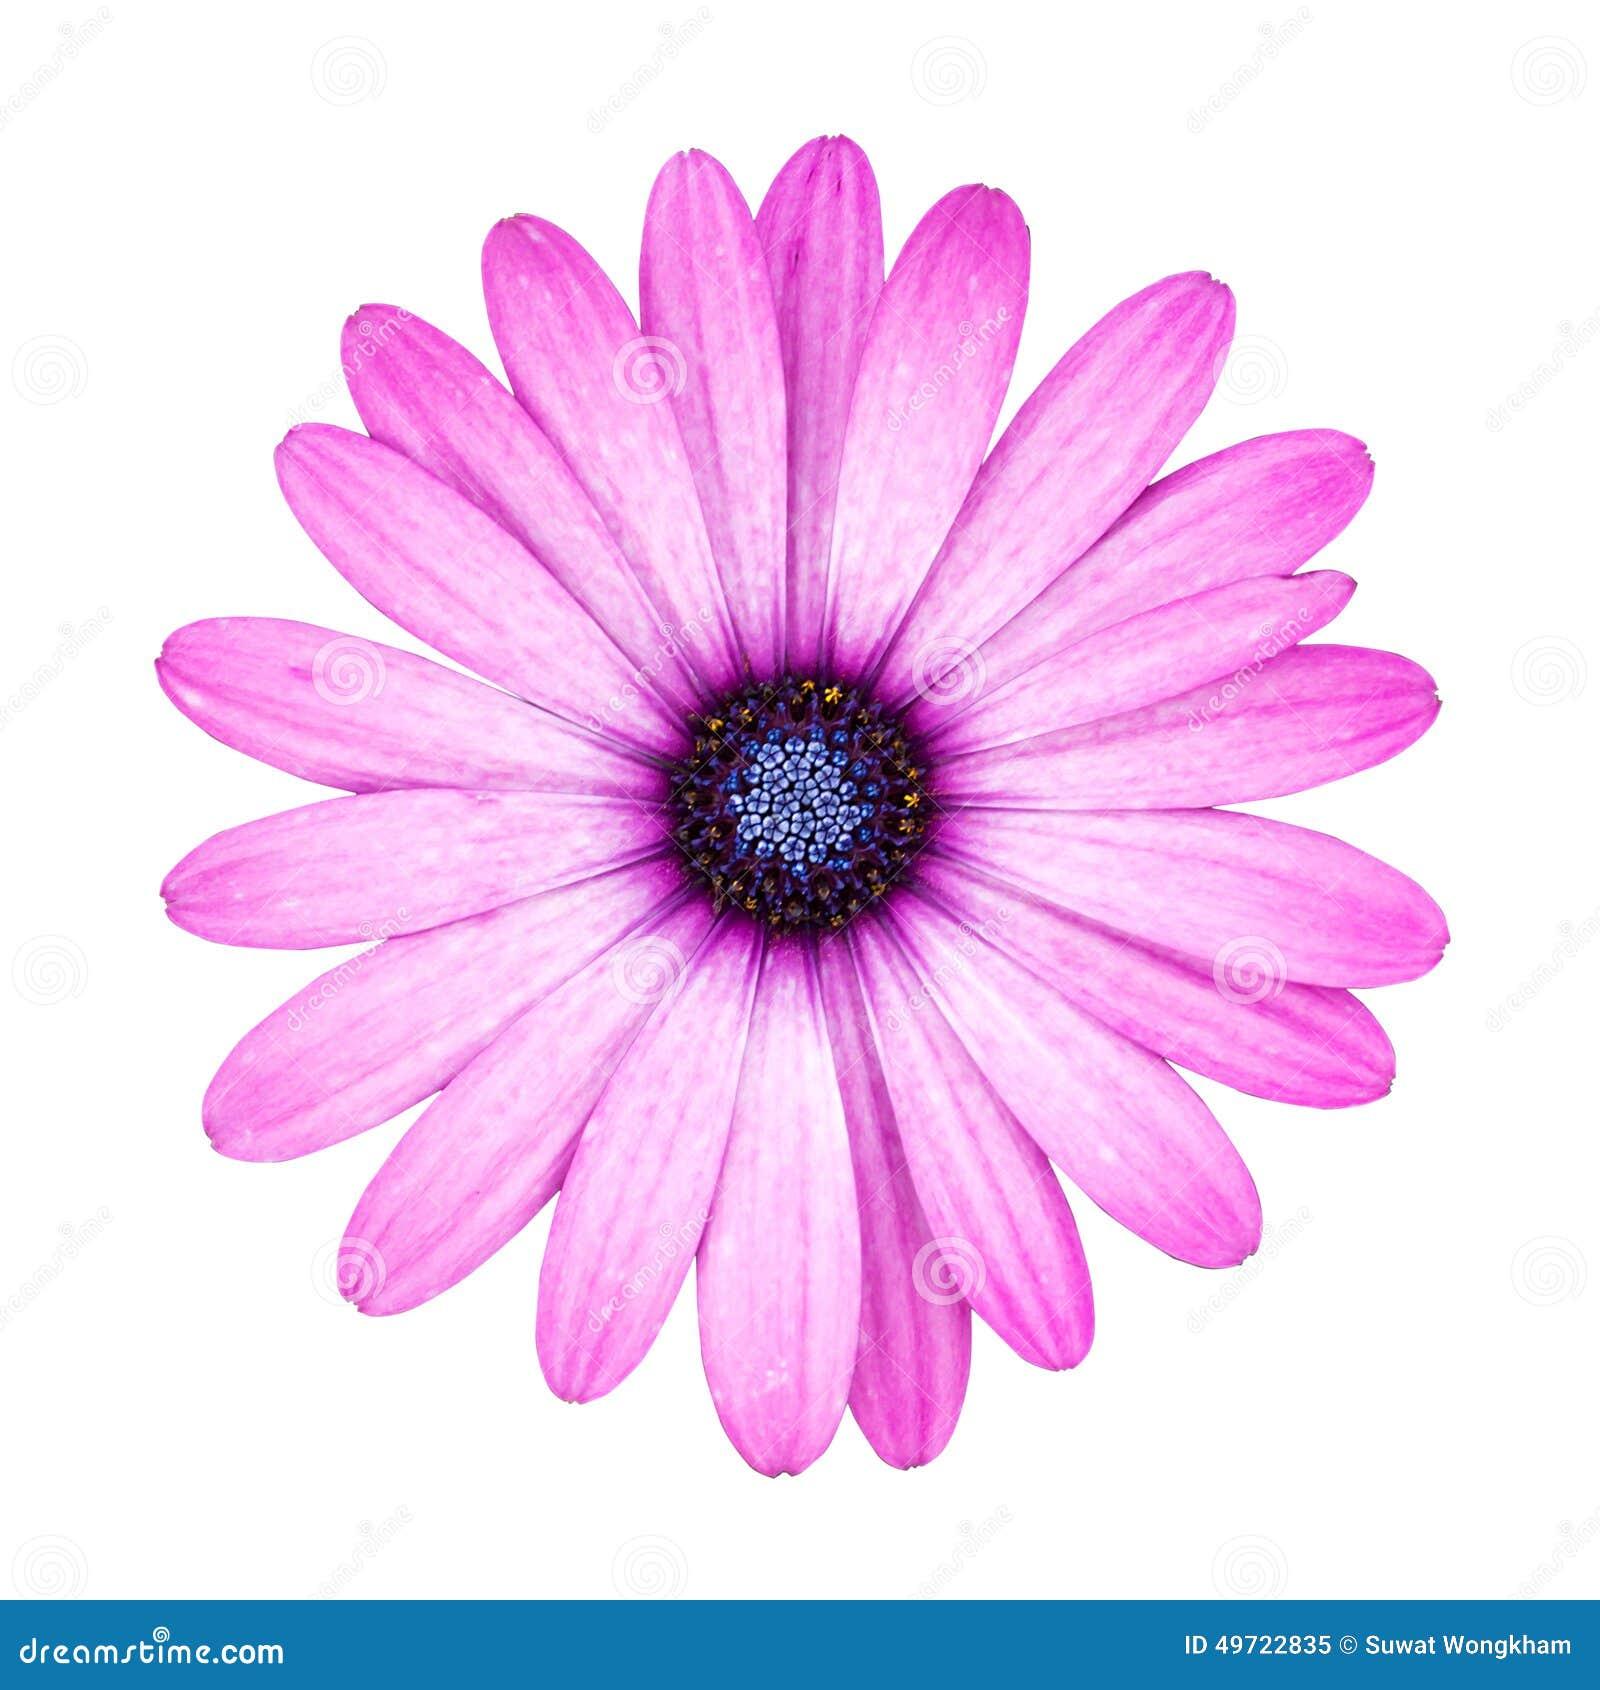 Violet pink osteosperumum flower daisy isolated on white backgro violet pink osteosperumum flower daisy isolated on white backgro mightylinksfo